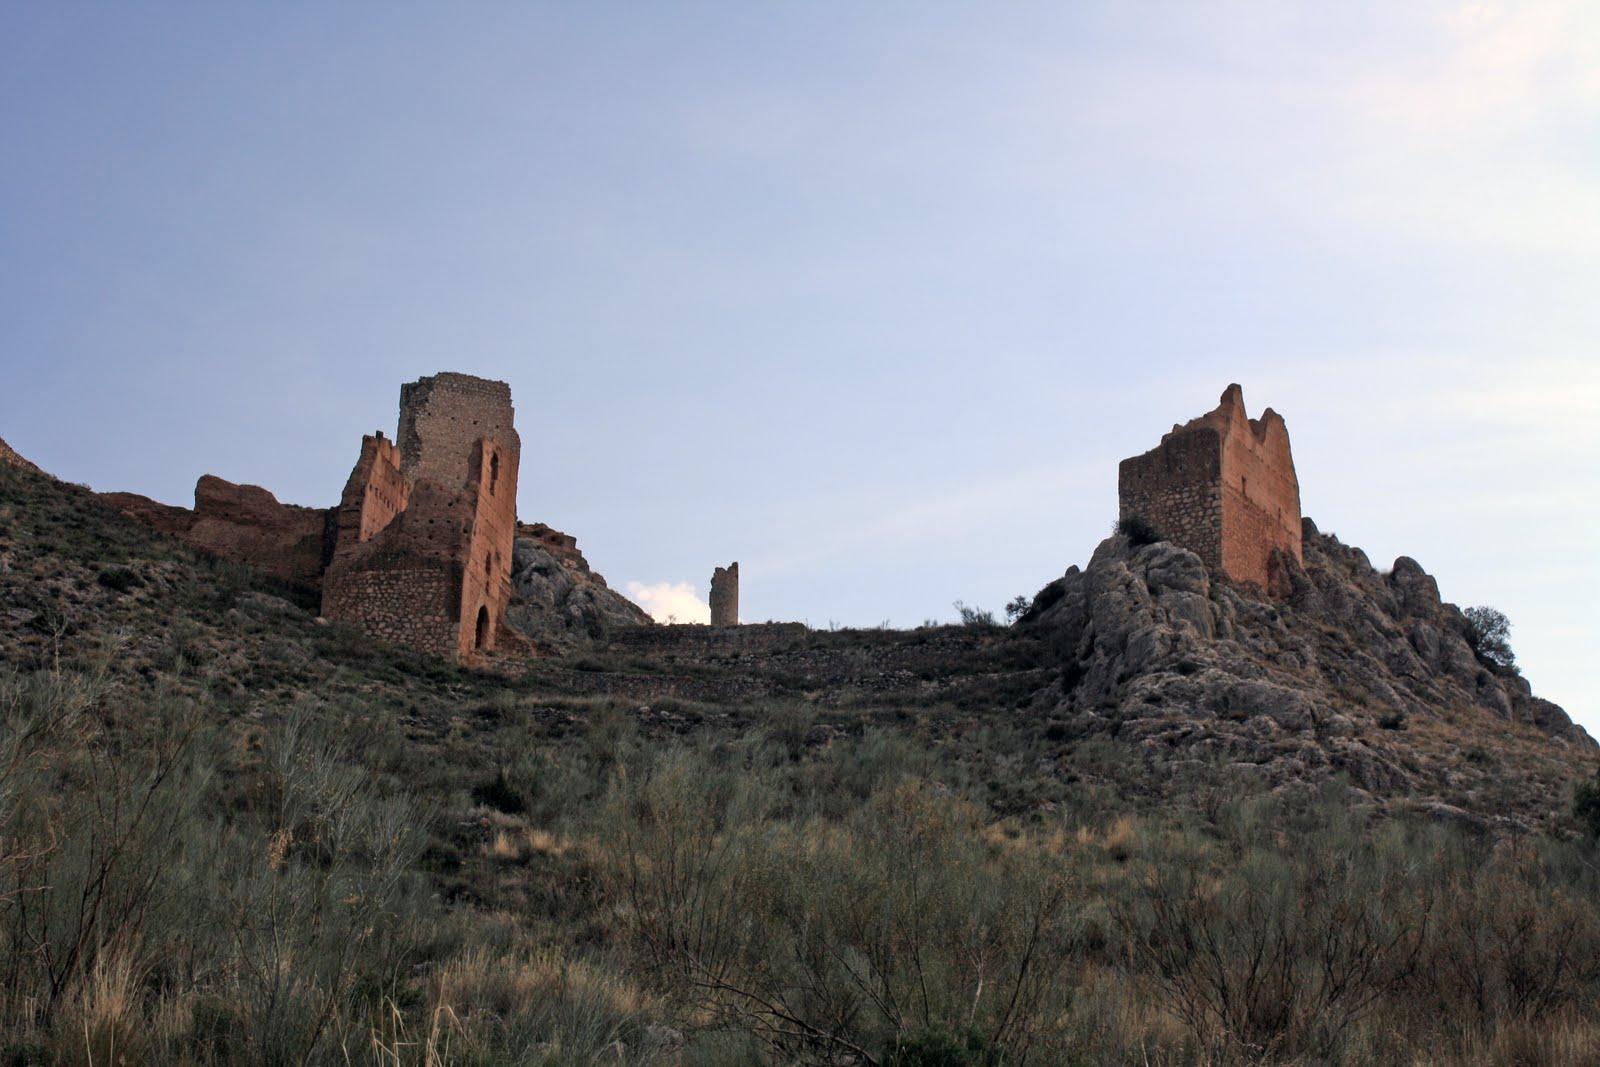 Fotografias castillo de xiquena lorca murcia - Lorca murcia fotos ...